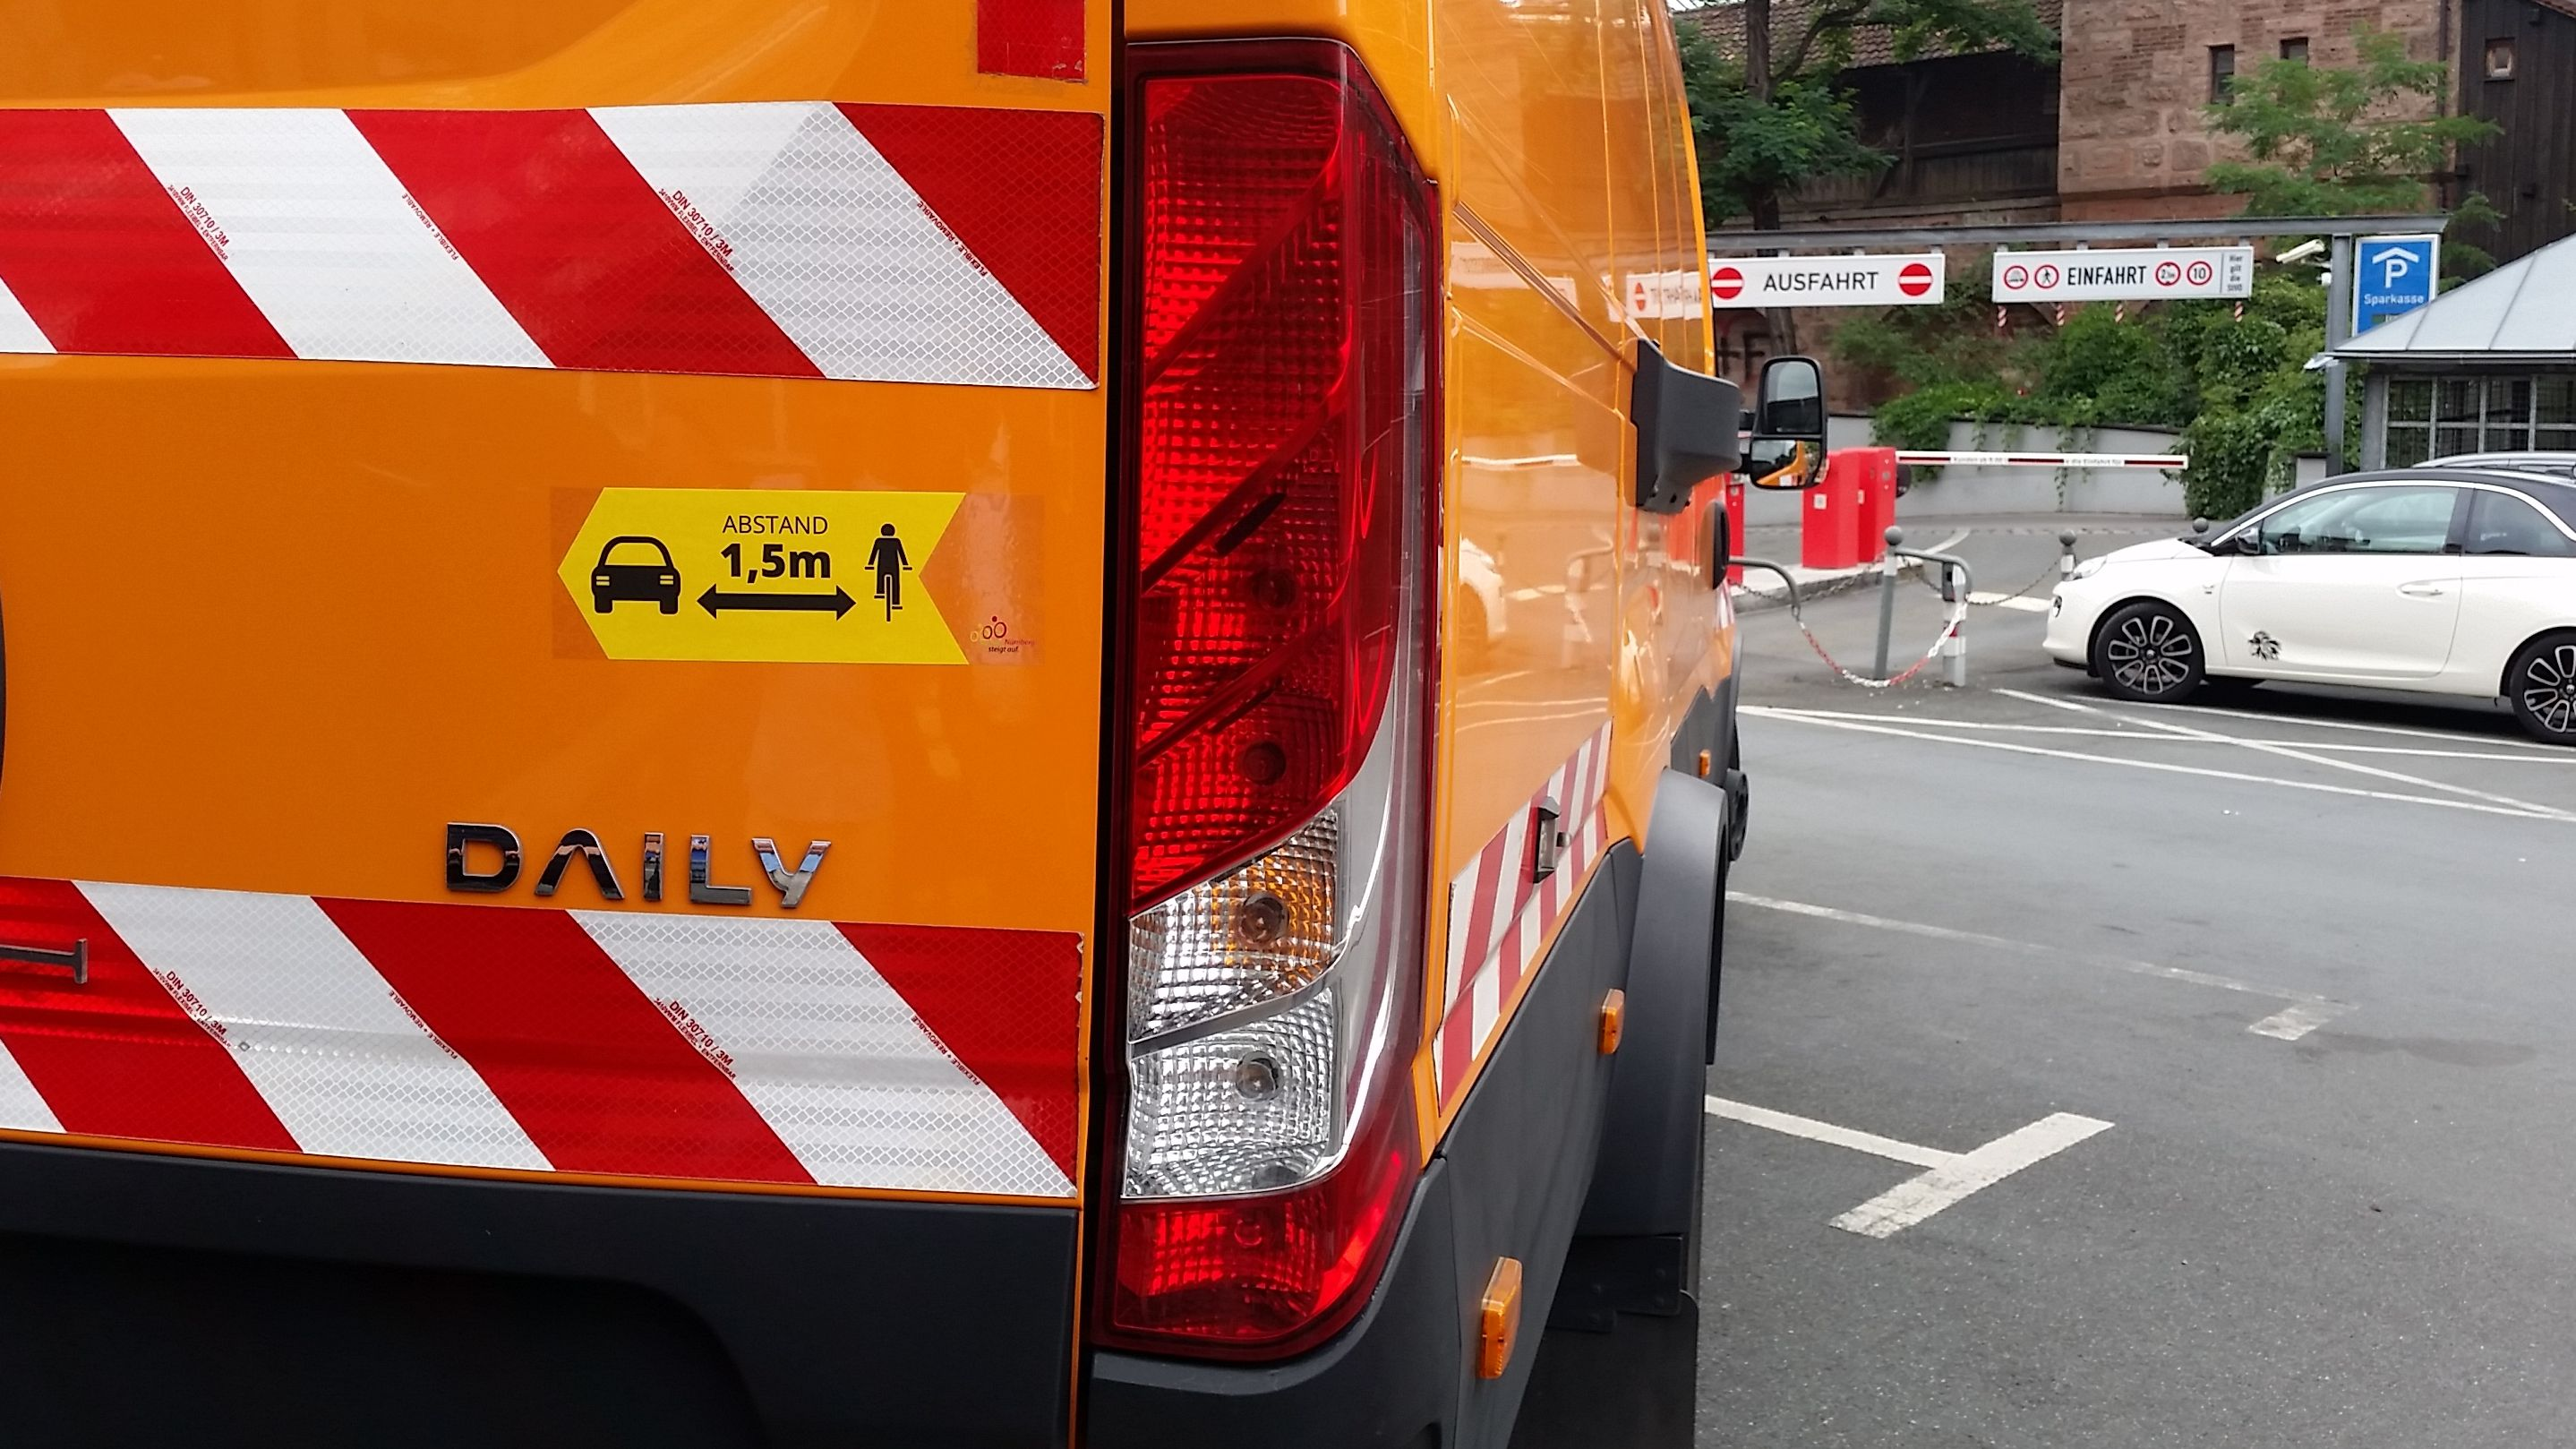 Aufkleber auf einem städtischen Auto in Nürnberg weist auf den Sicherheitsabstand für Radfahrer hin.